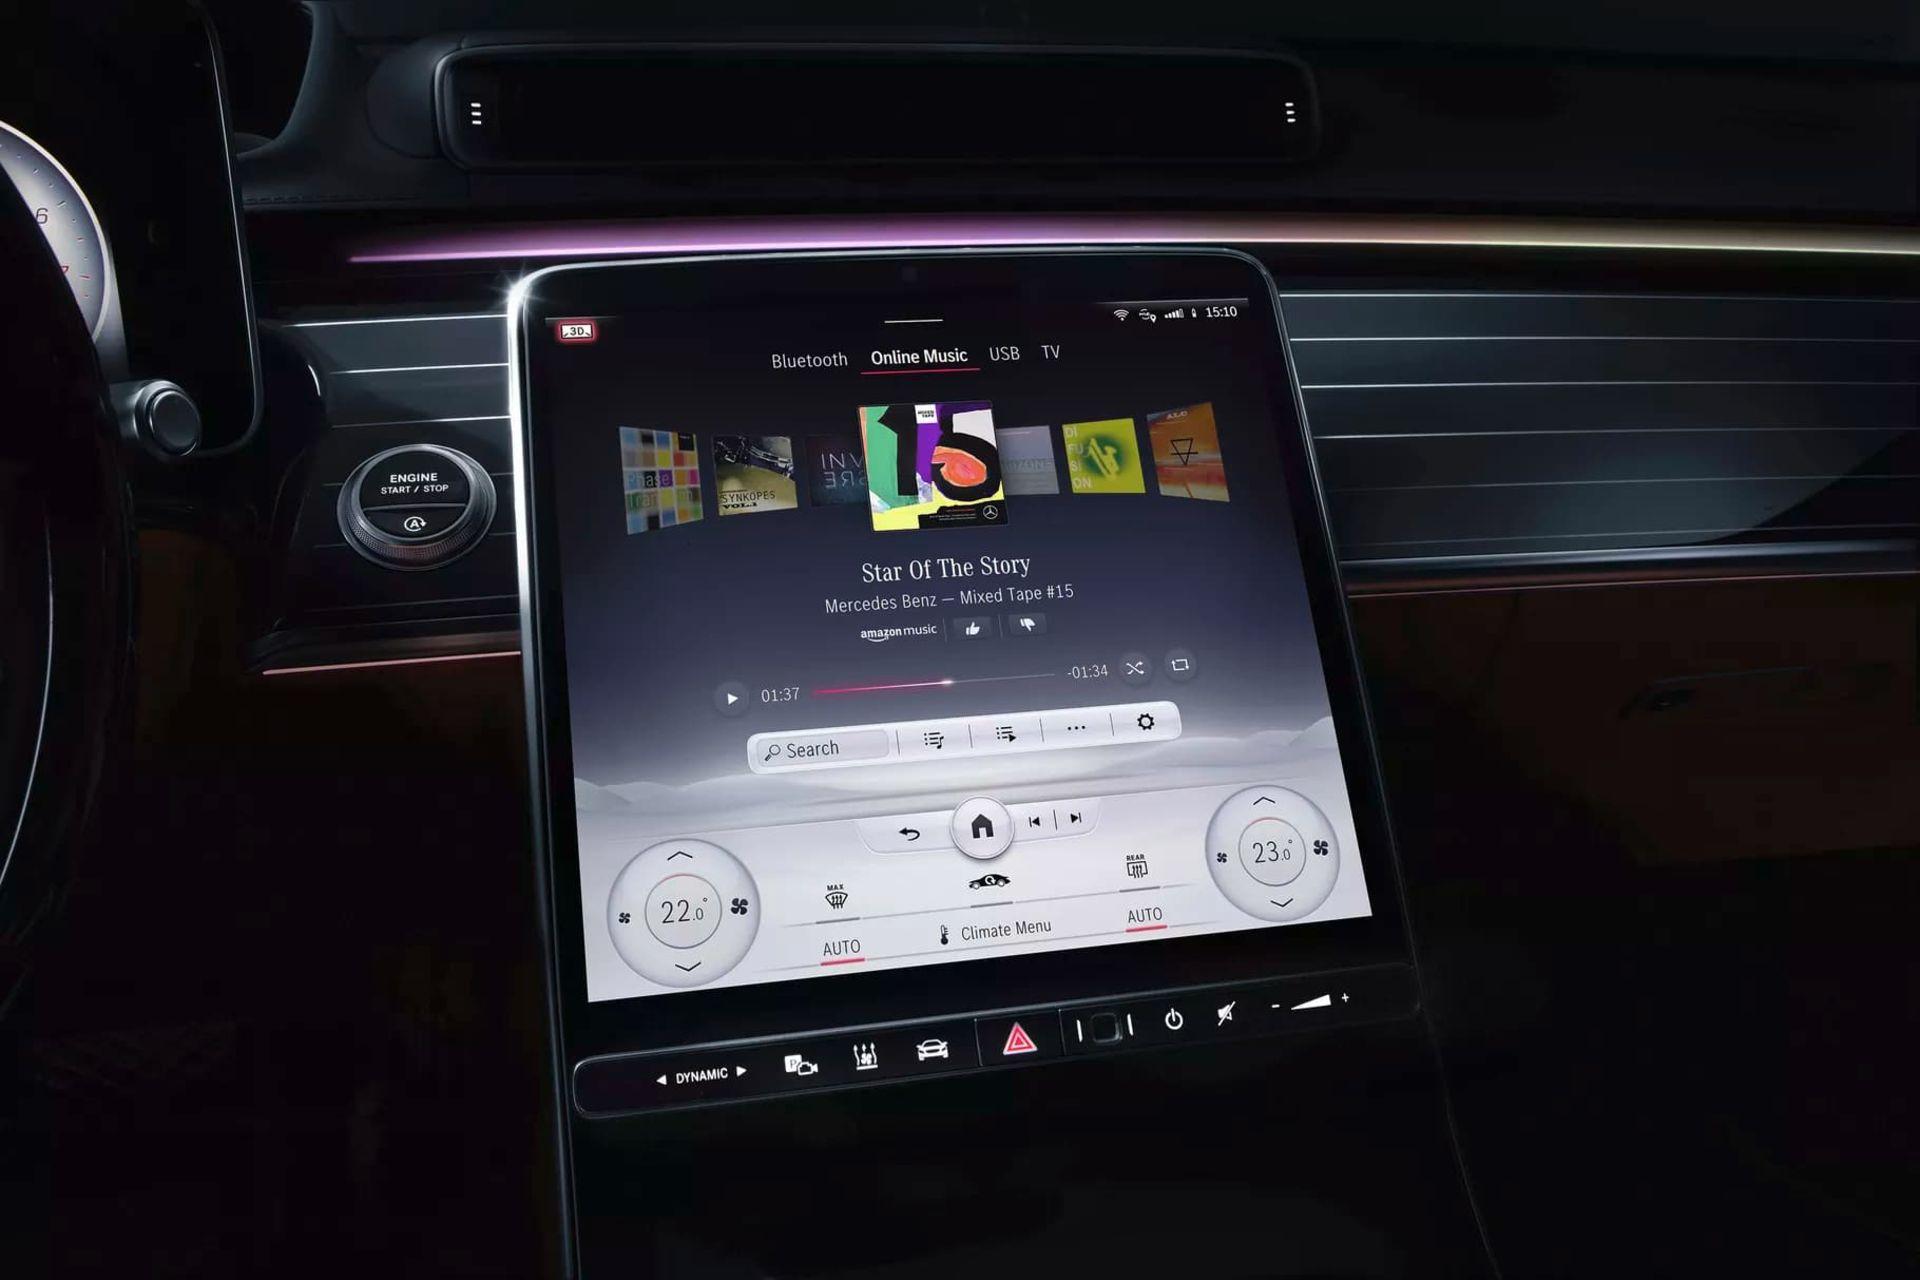 Mercedes-Benz visar upp ny version av MBUX